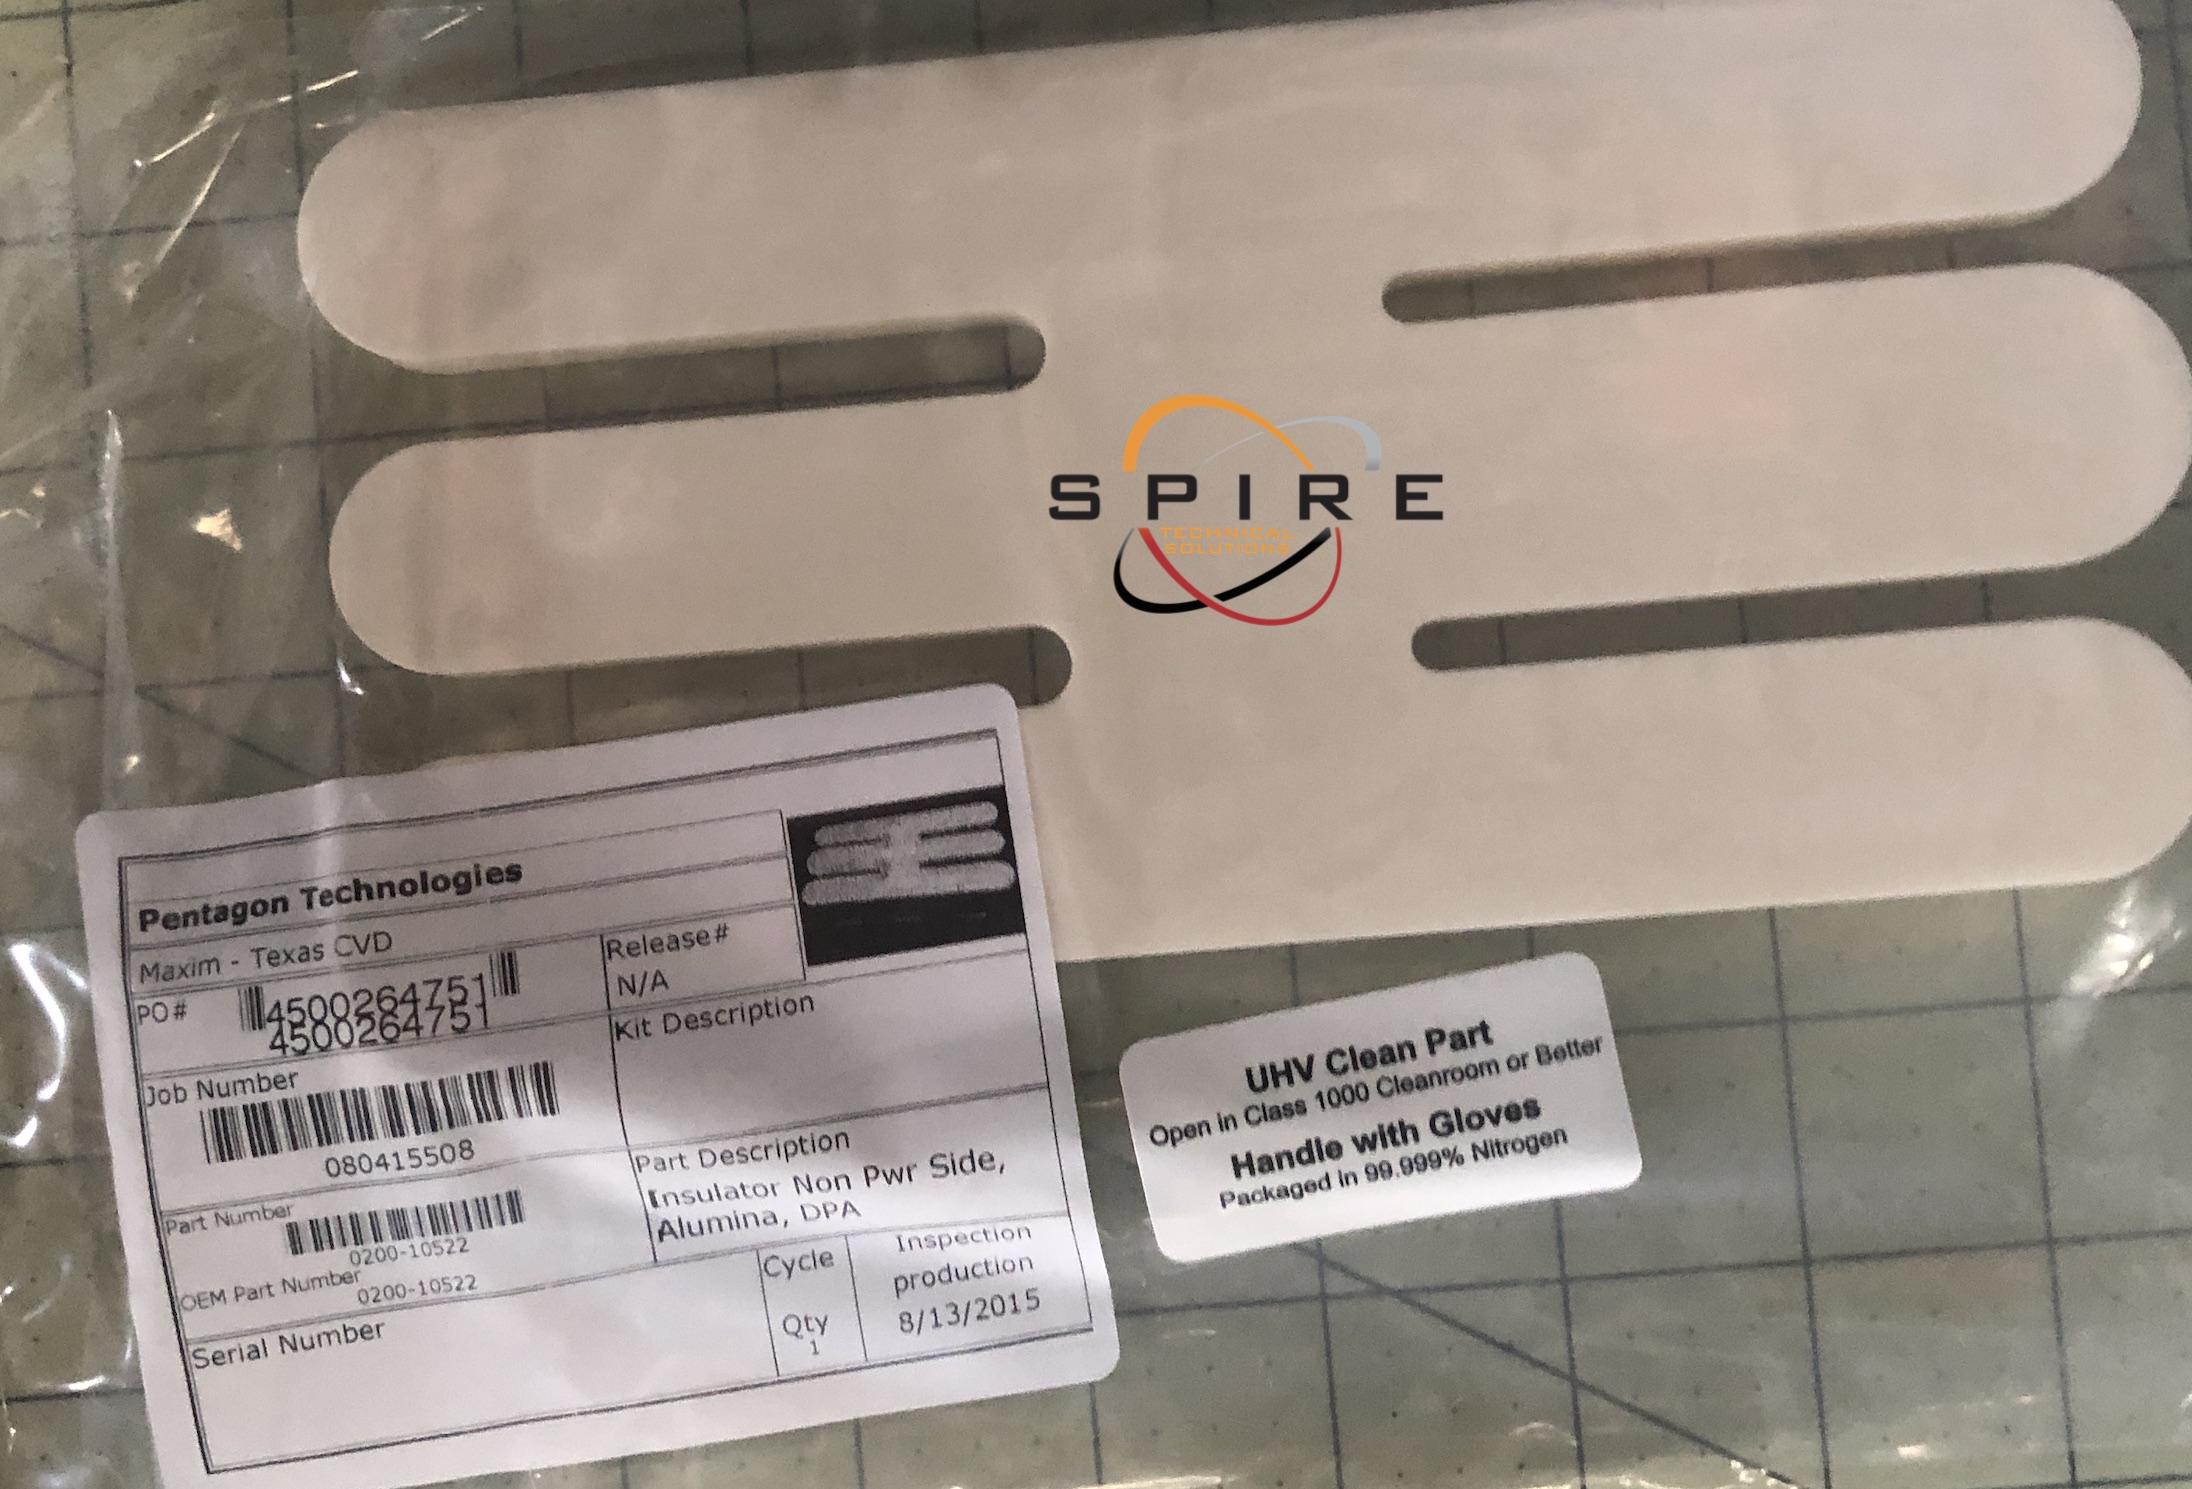 Insulator, Non-Pwr-Side, Alumina, DPA